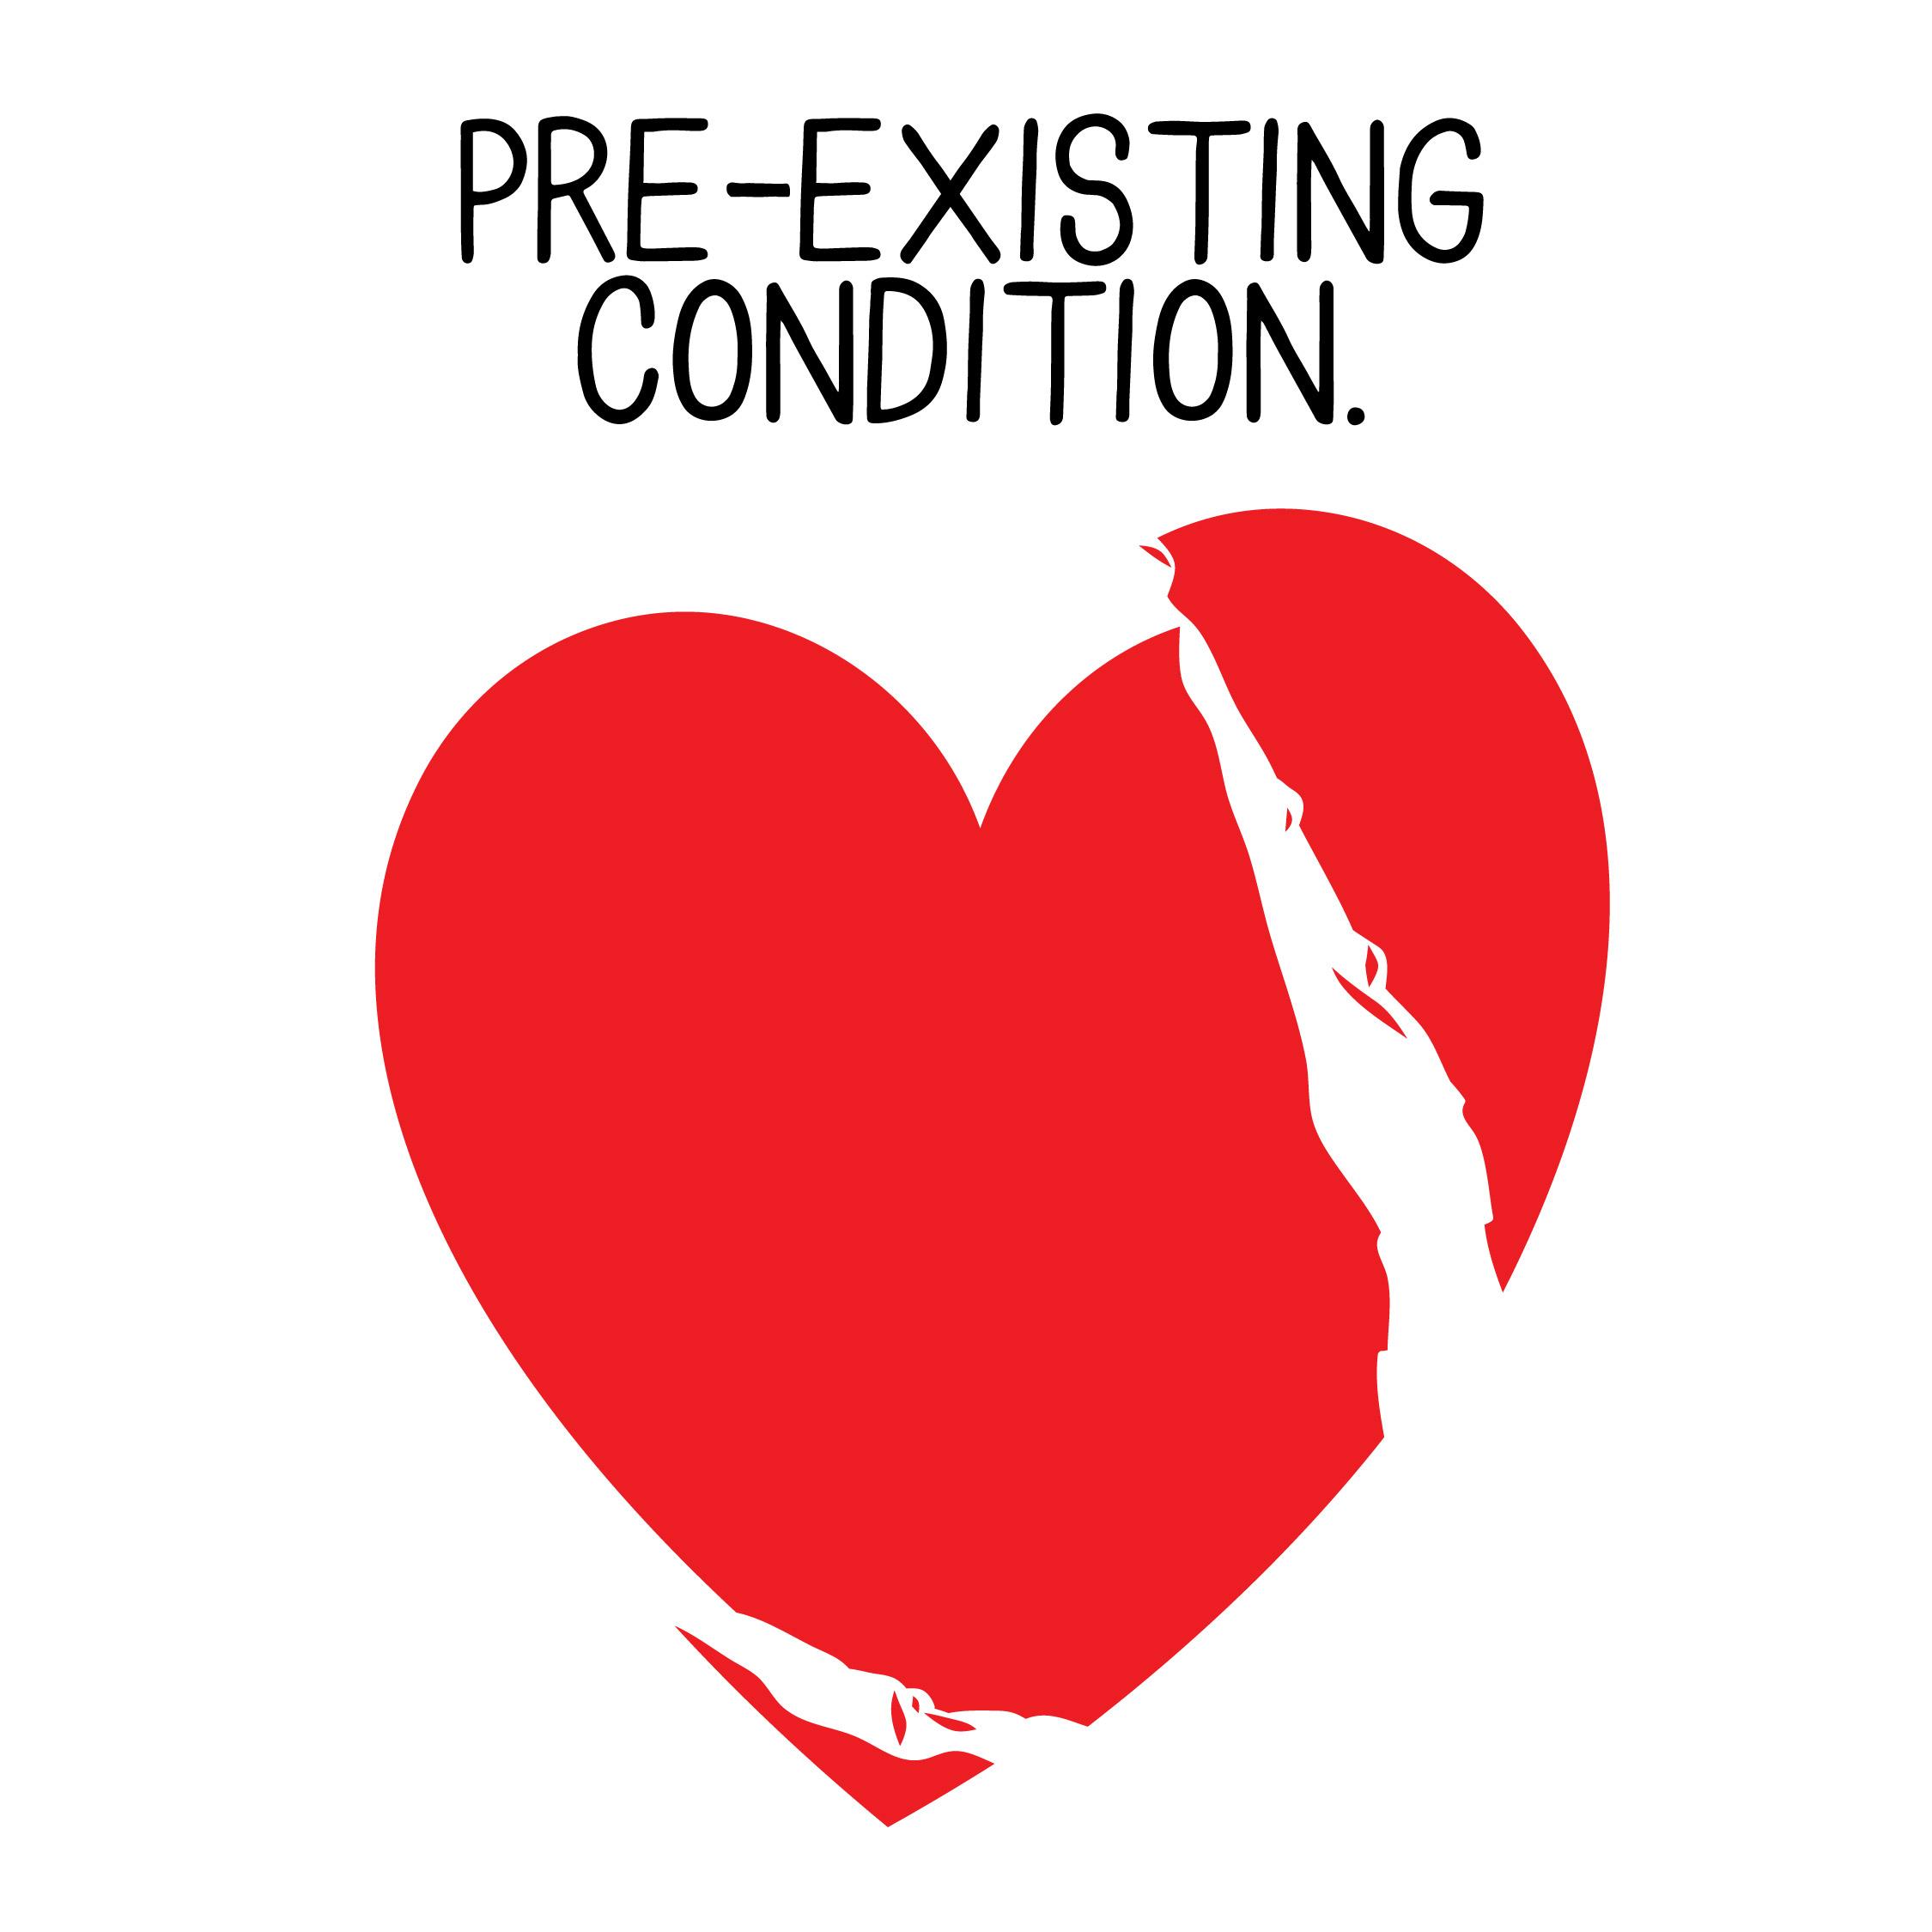 preexisting-01.jpg